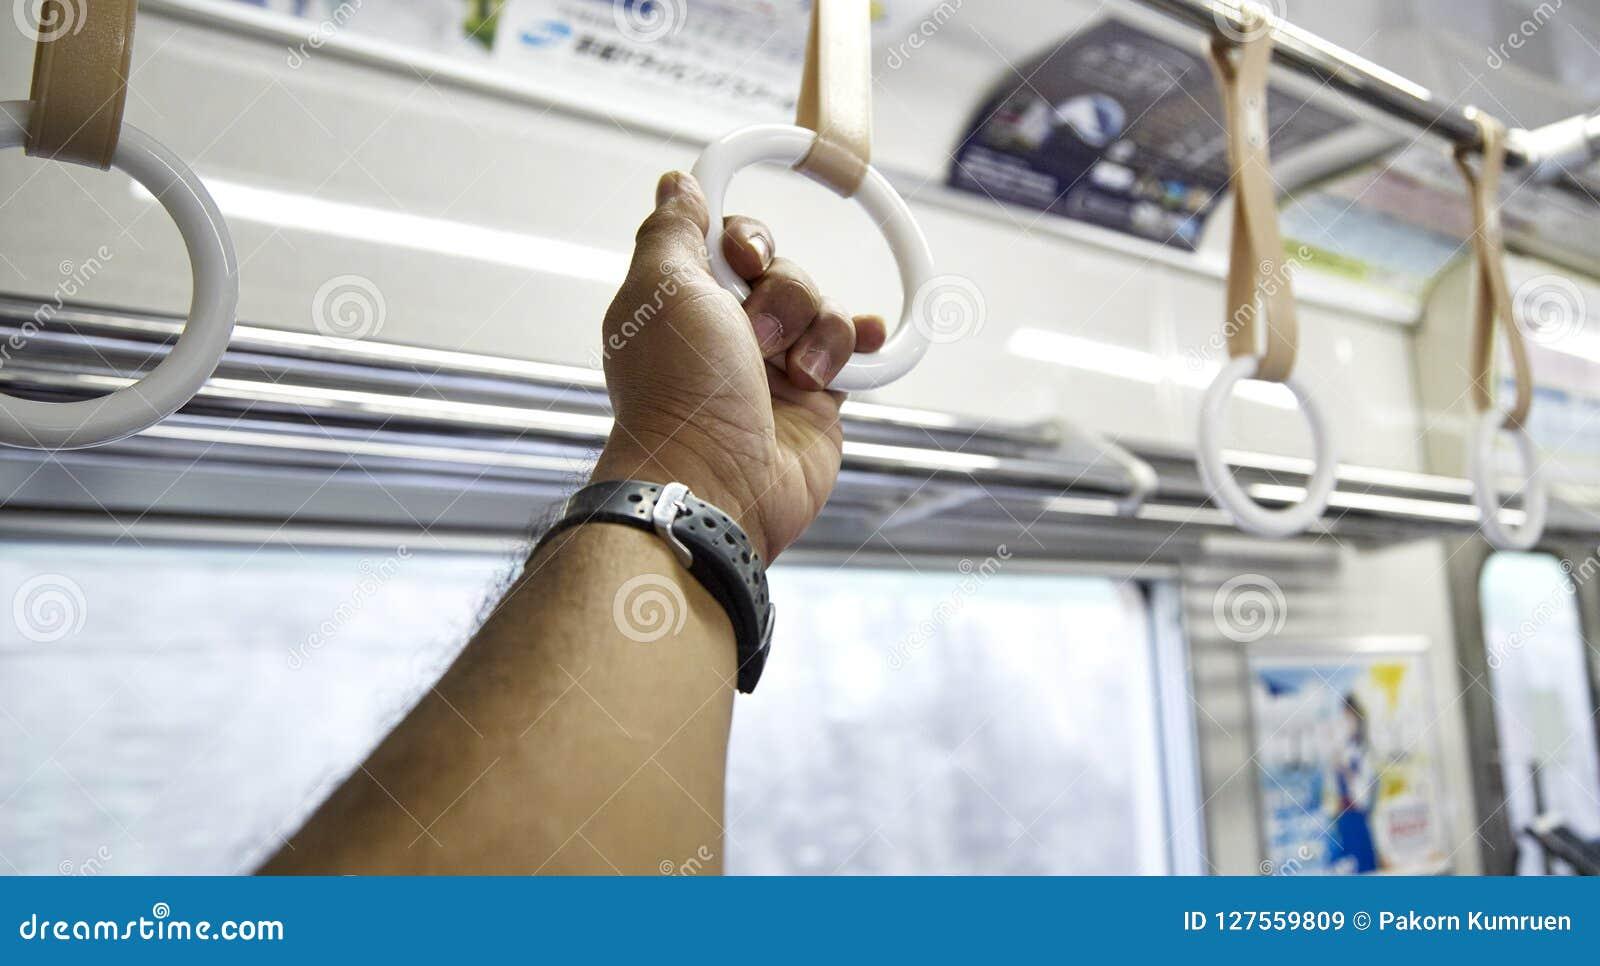 Patka w pociągu